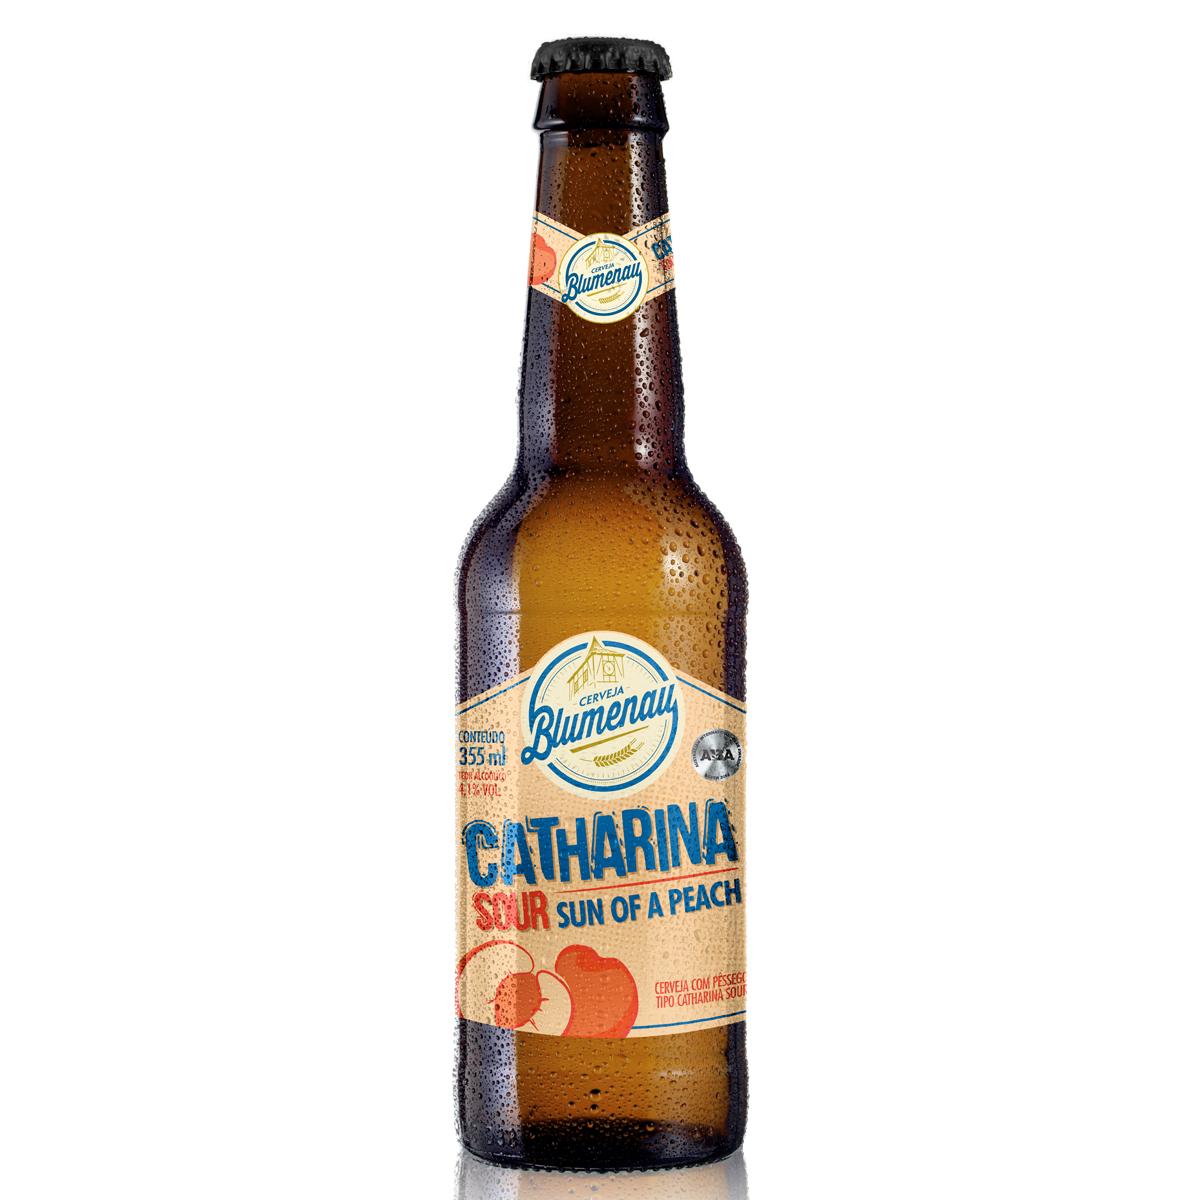 Ação em Blumenau (SC) promove a primeira Catharina Sour comercializada em garrafa no país